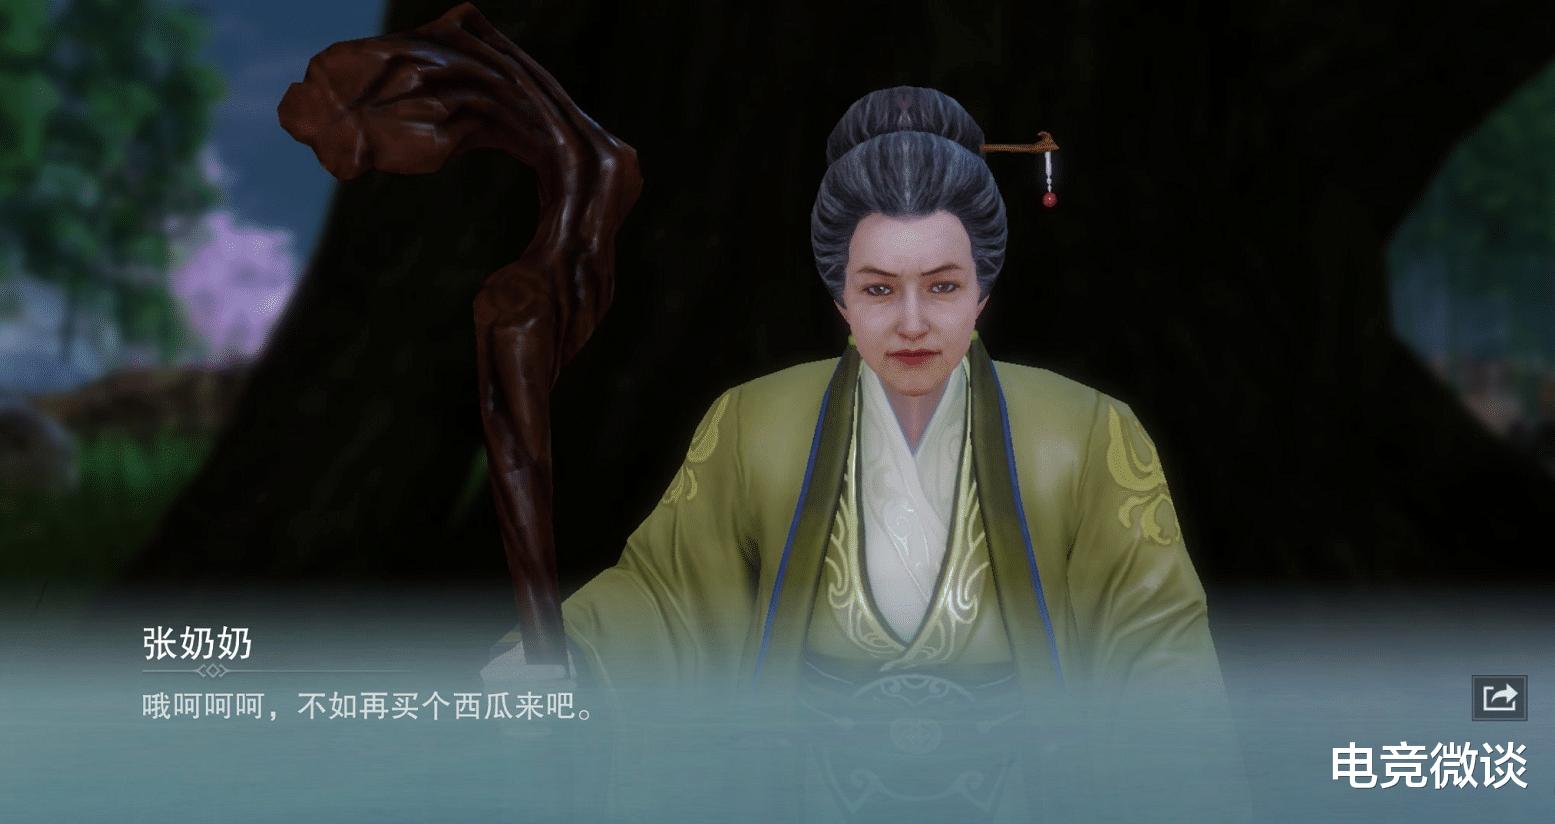 最新公测3d网络游戏_一梦江湖哪个奇遇印象最深?玩家:坑我100个西瓜的张奶奶最难忘-第8张图片-游戏摸鱼怪